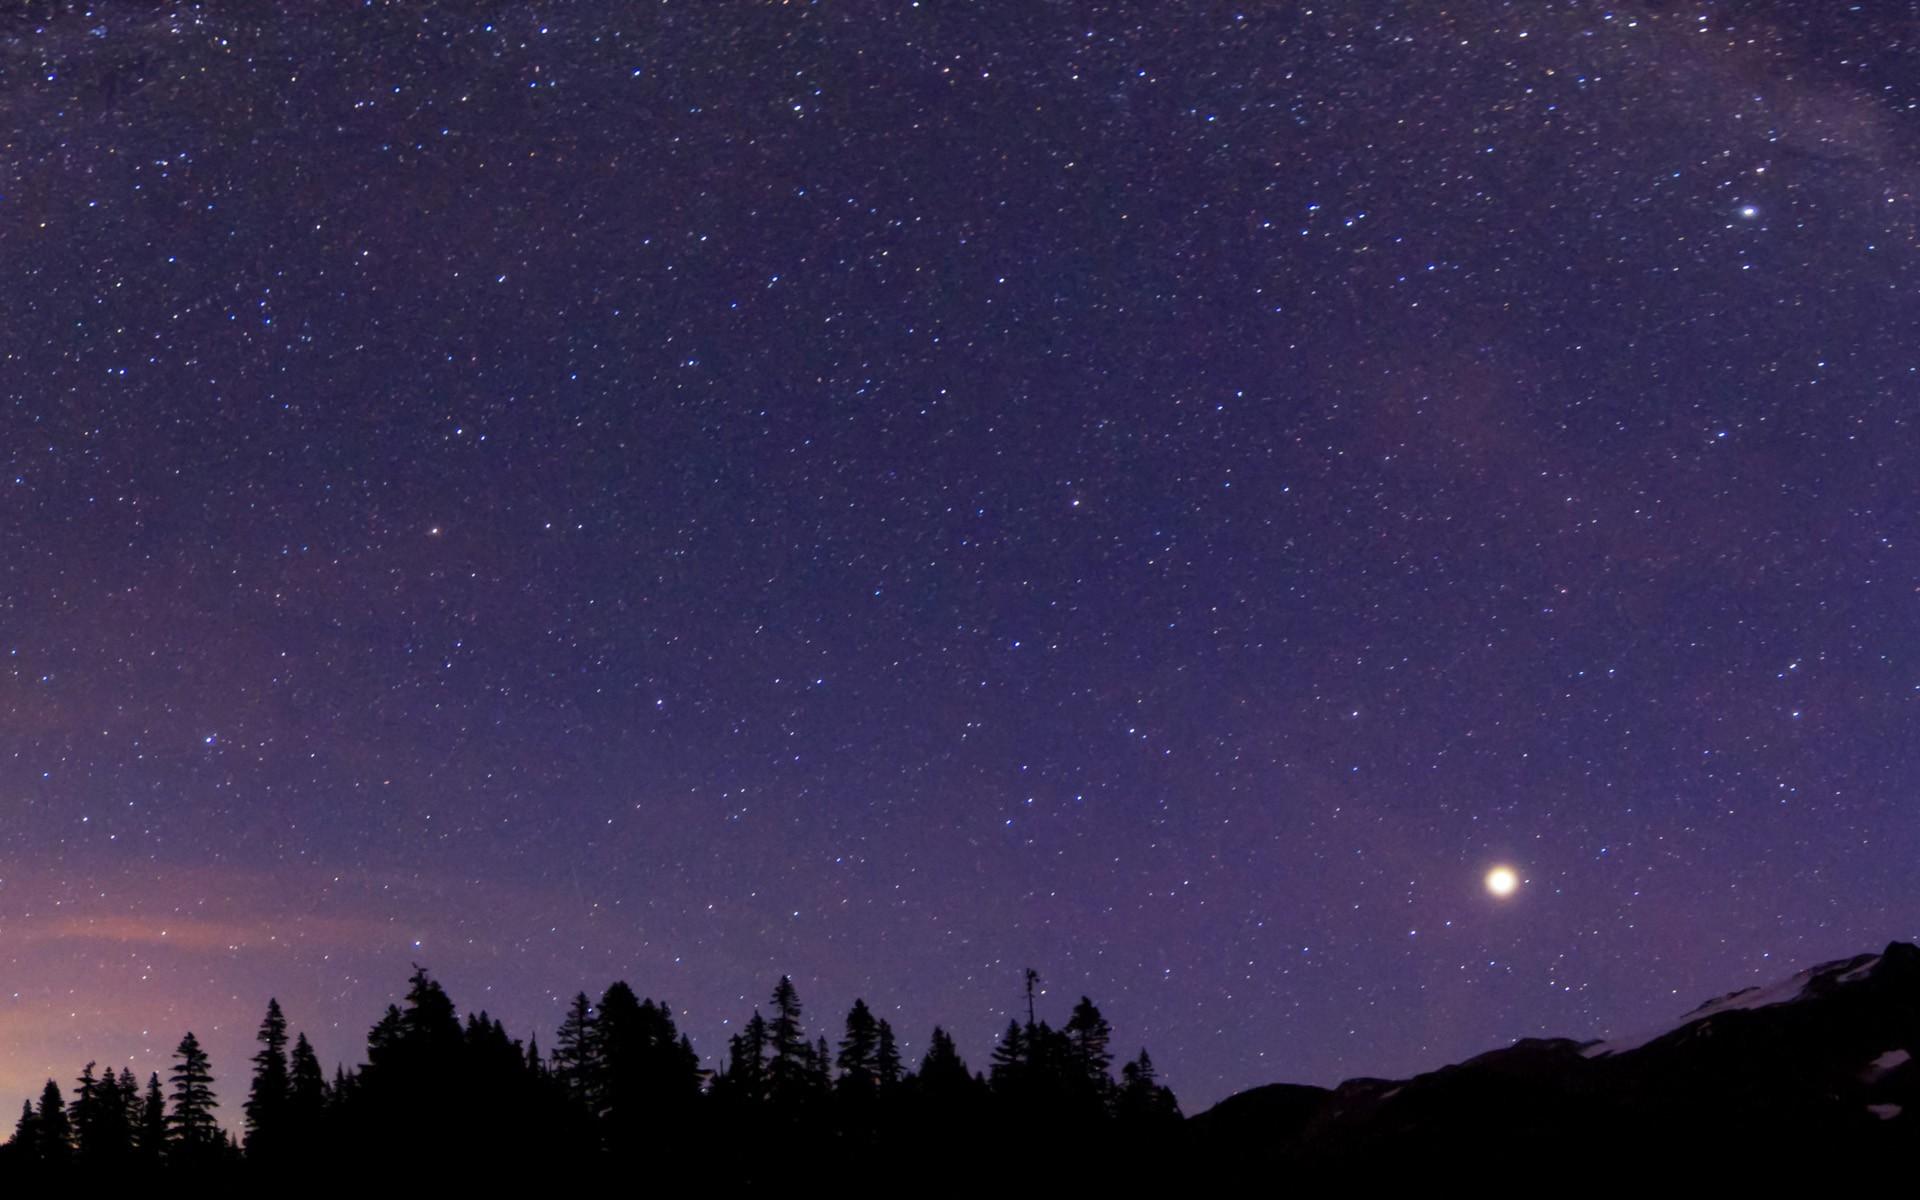 Sky Full Of Stars Wallpaper